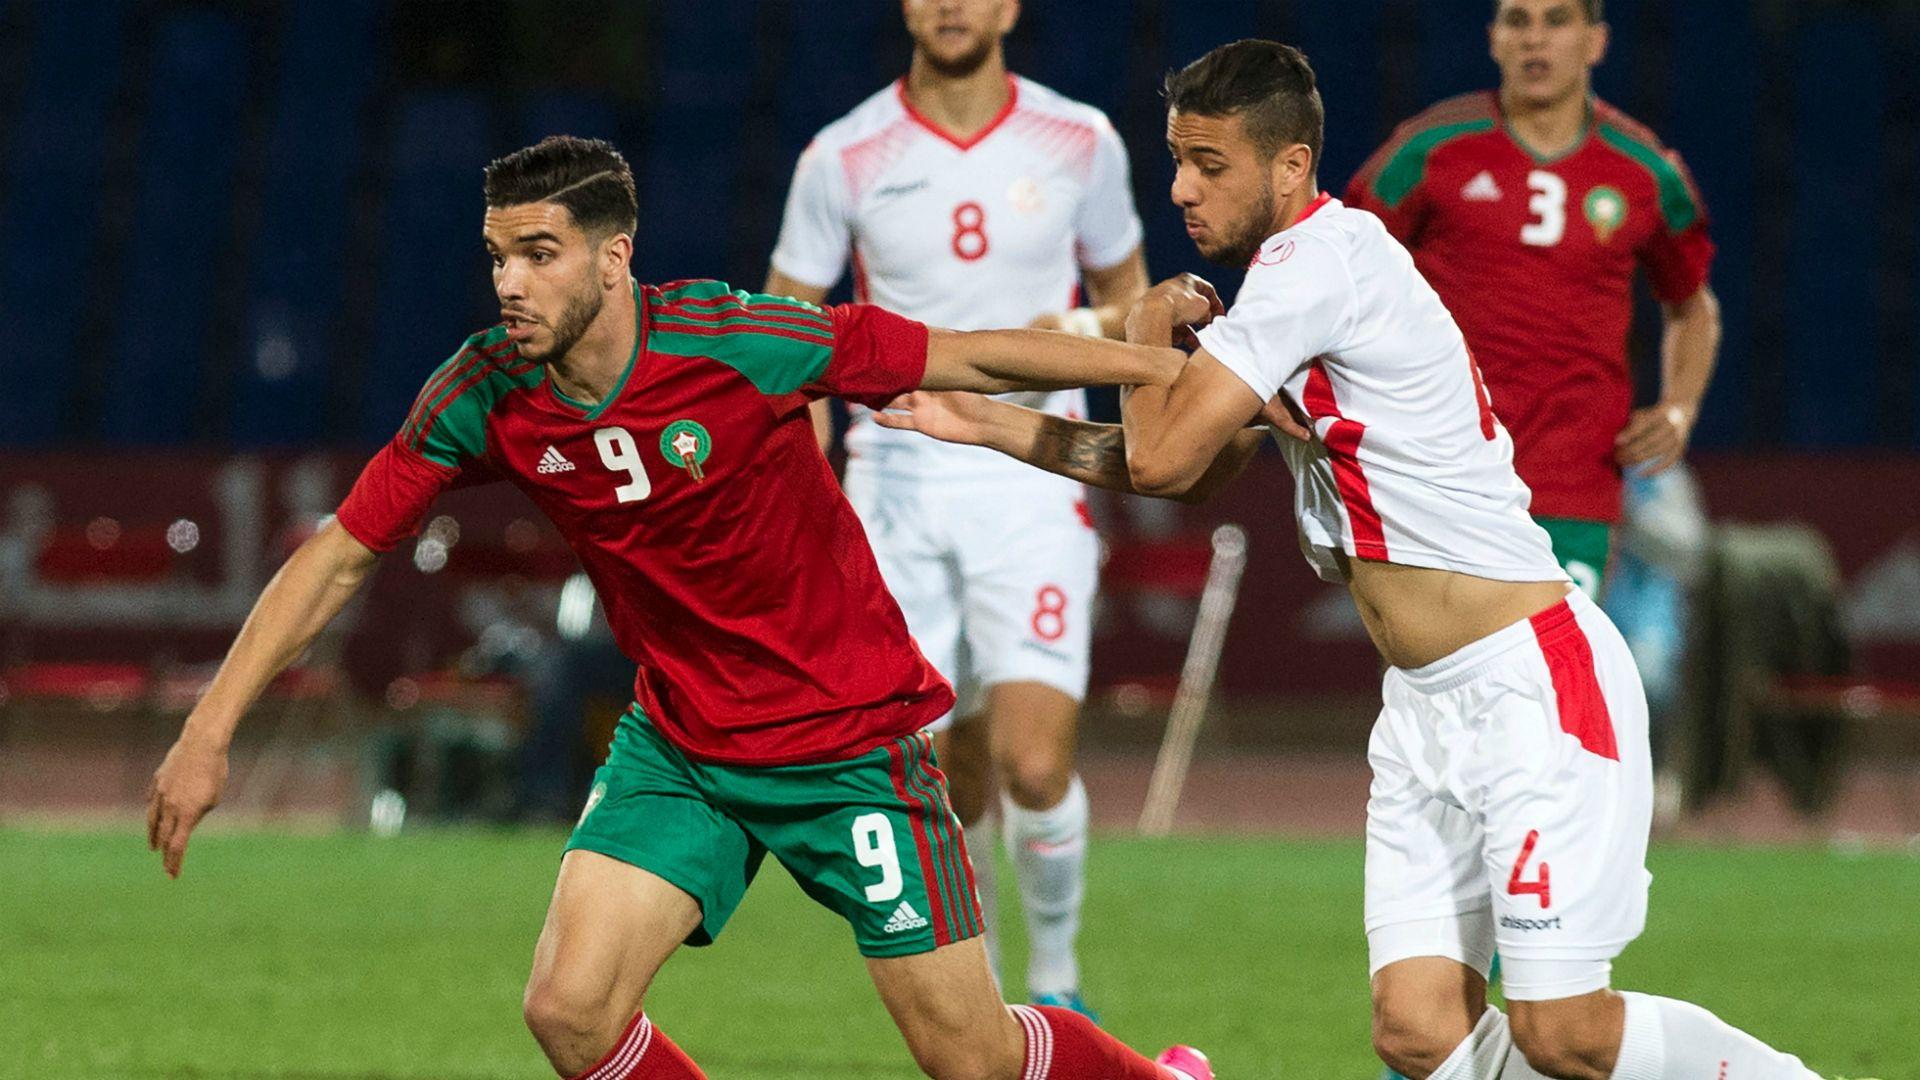 المغرب يفوز على تونس بهدف نظيف وديابمشاركة أزارو والنقاز وساسي